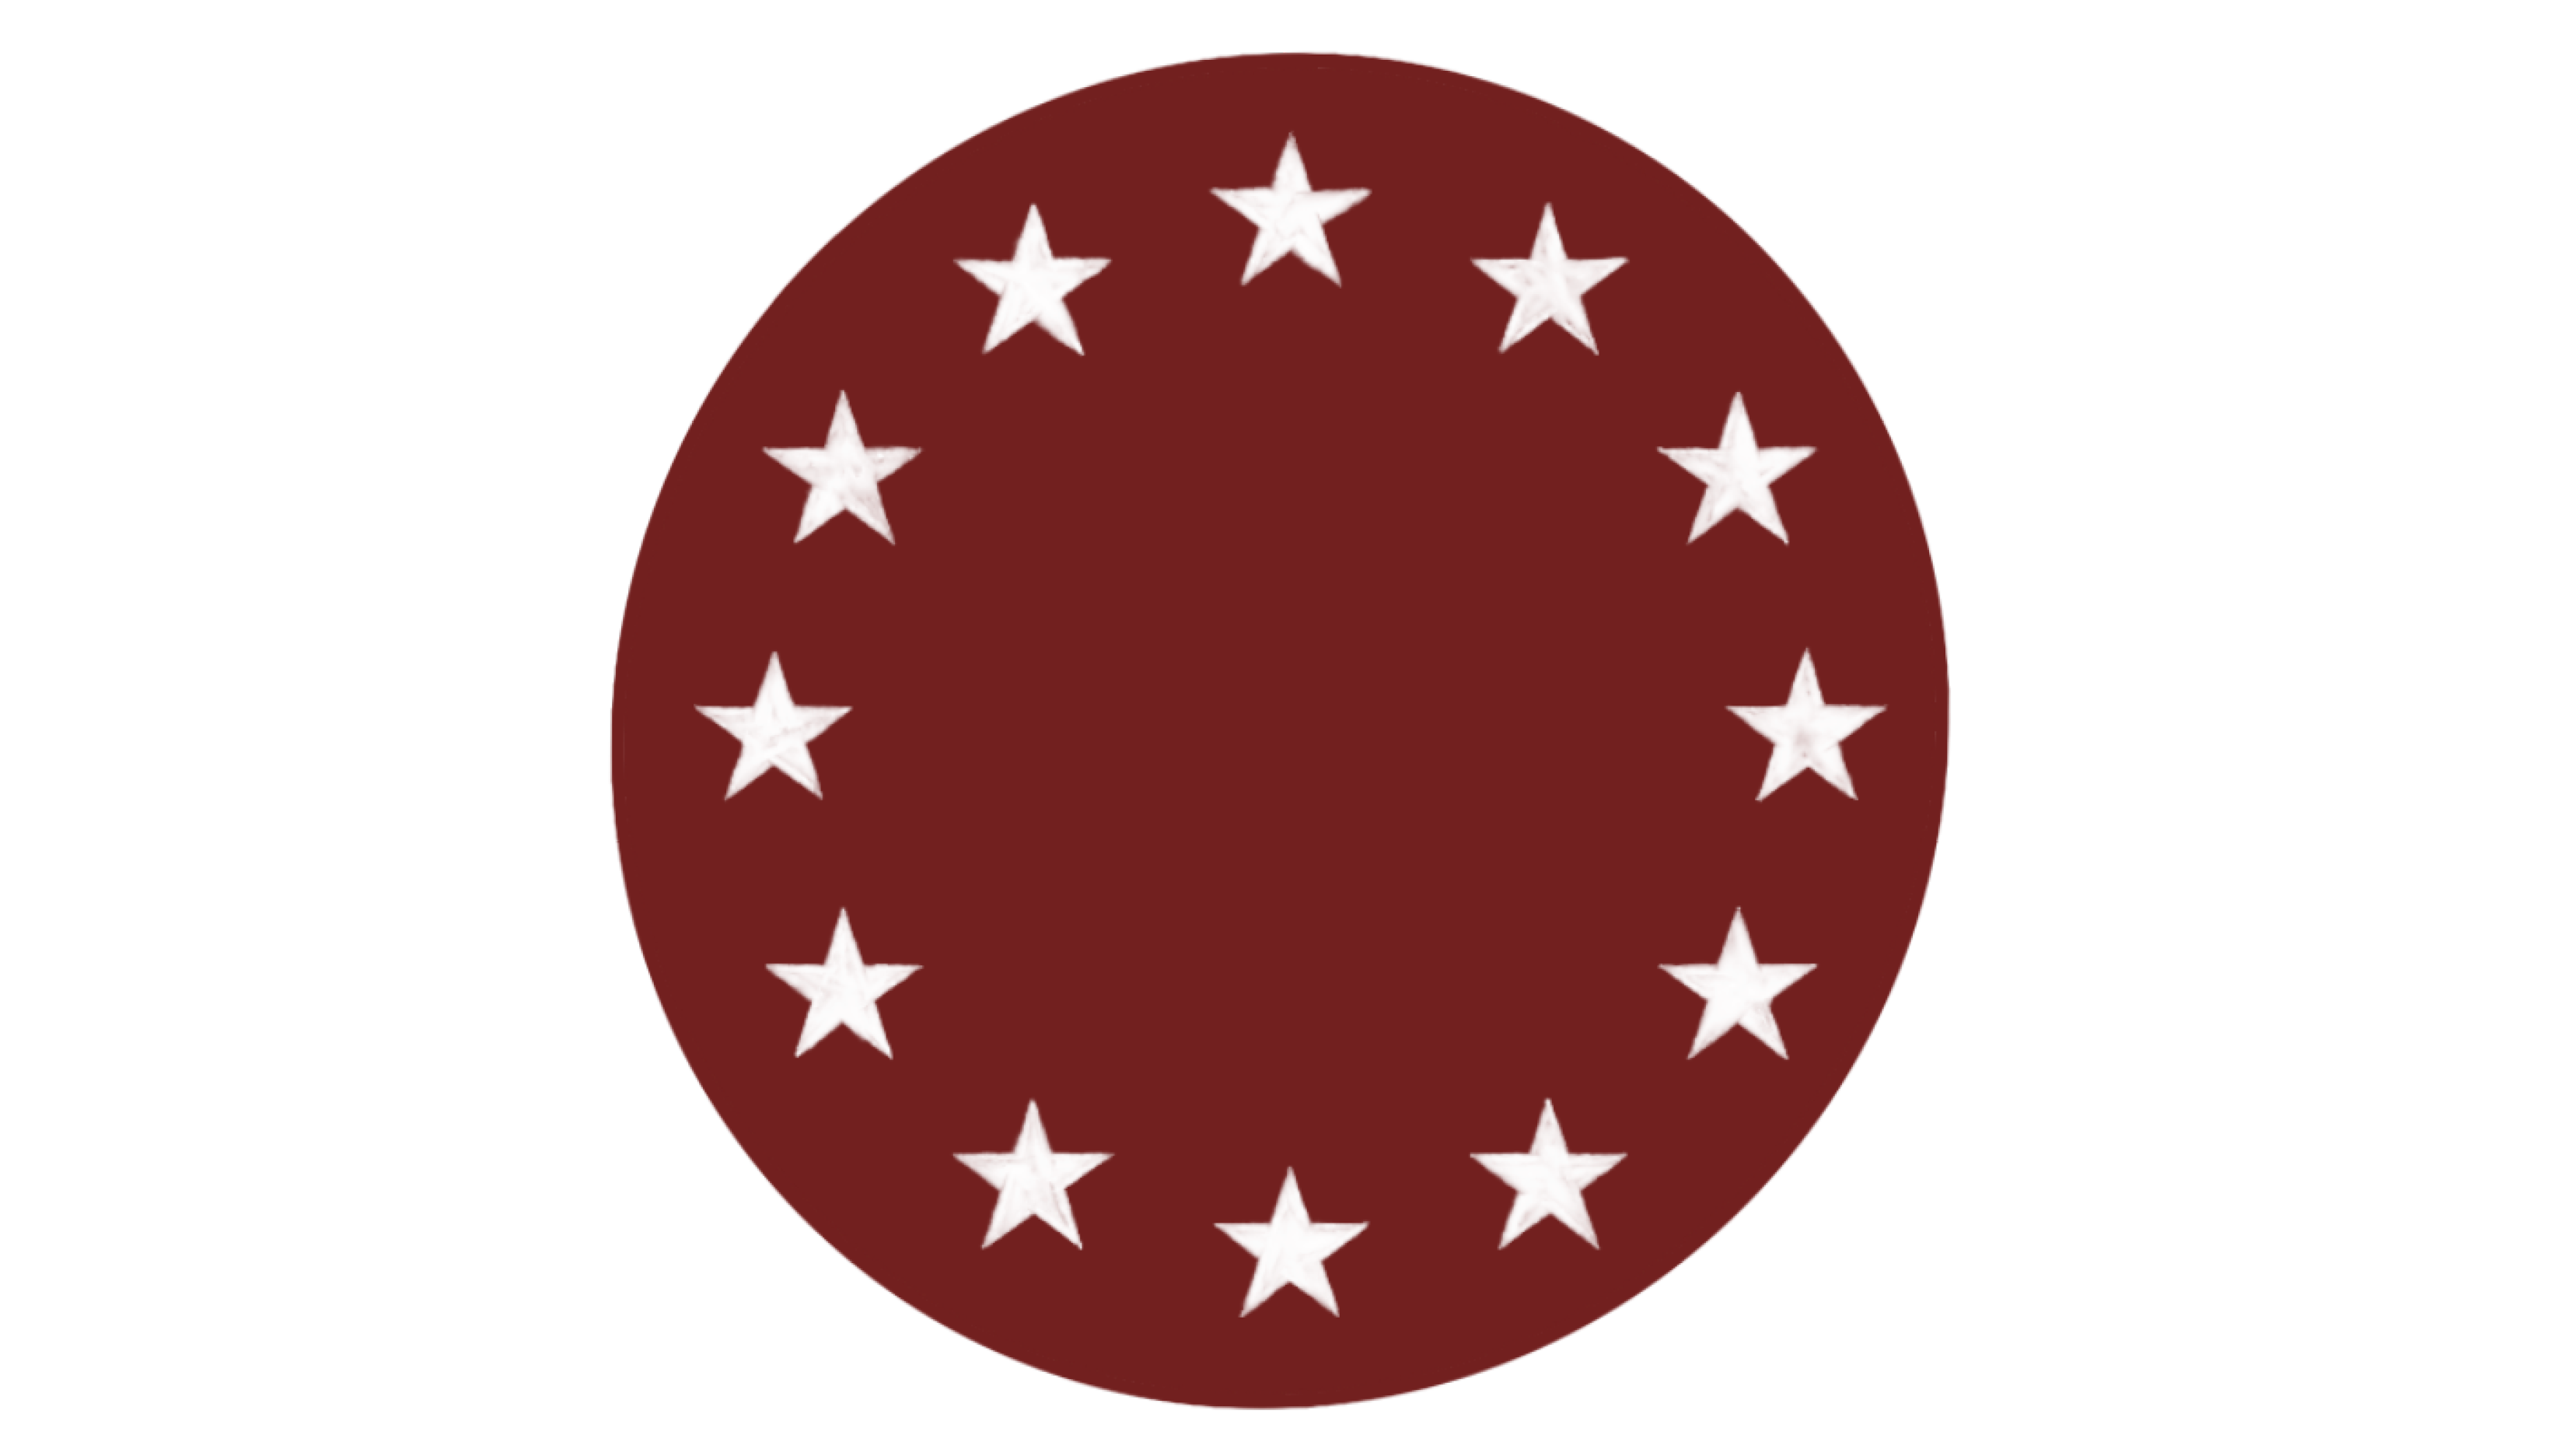 Europäische Wirtschafts- und Währungsunion I: Historischer Mythos und Kontinuität